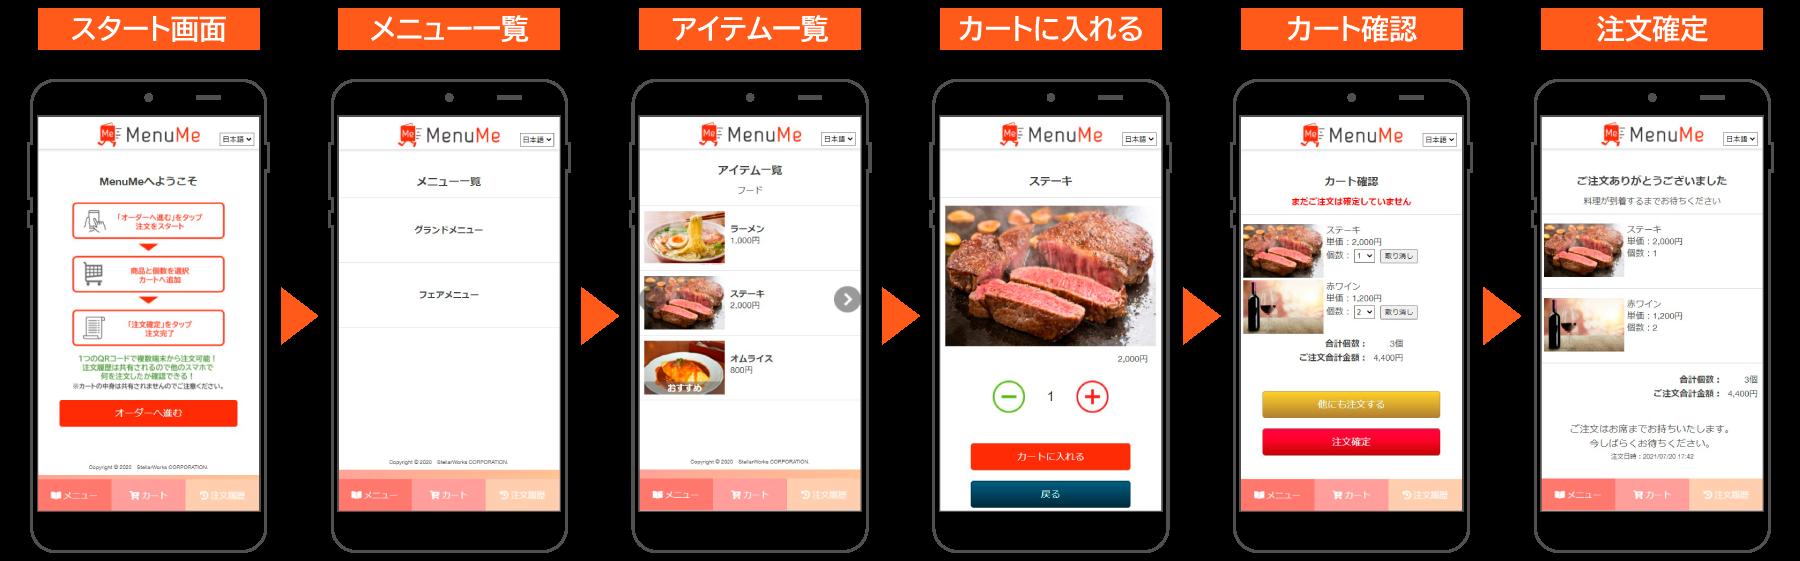 ユーザー画面例